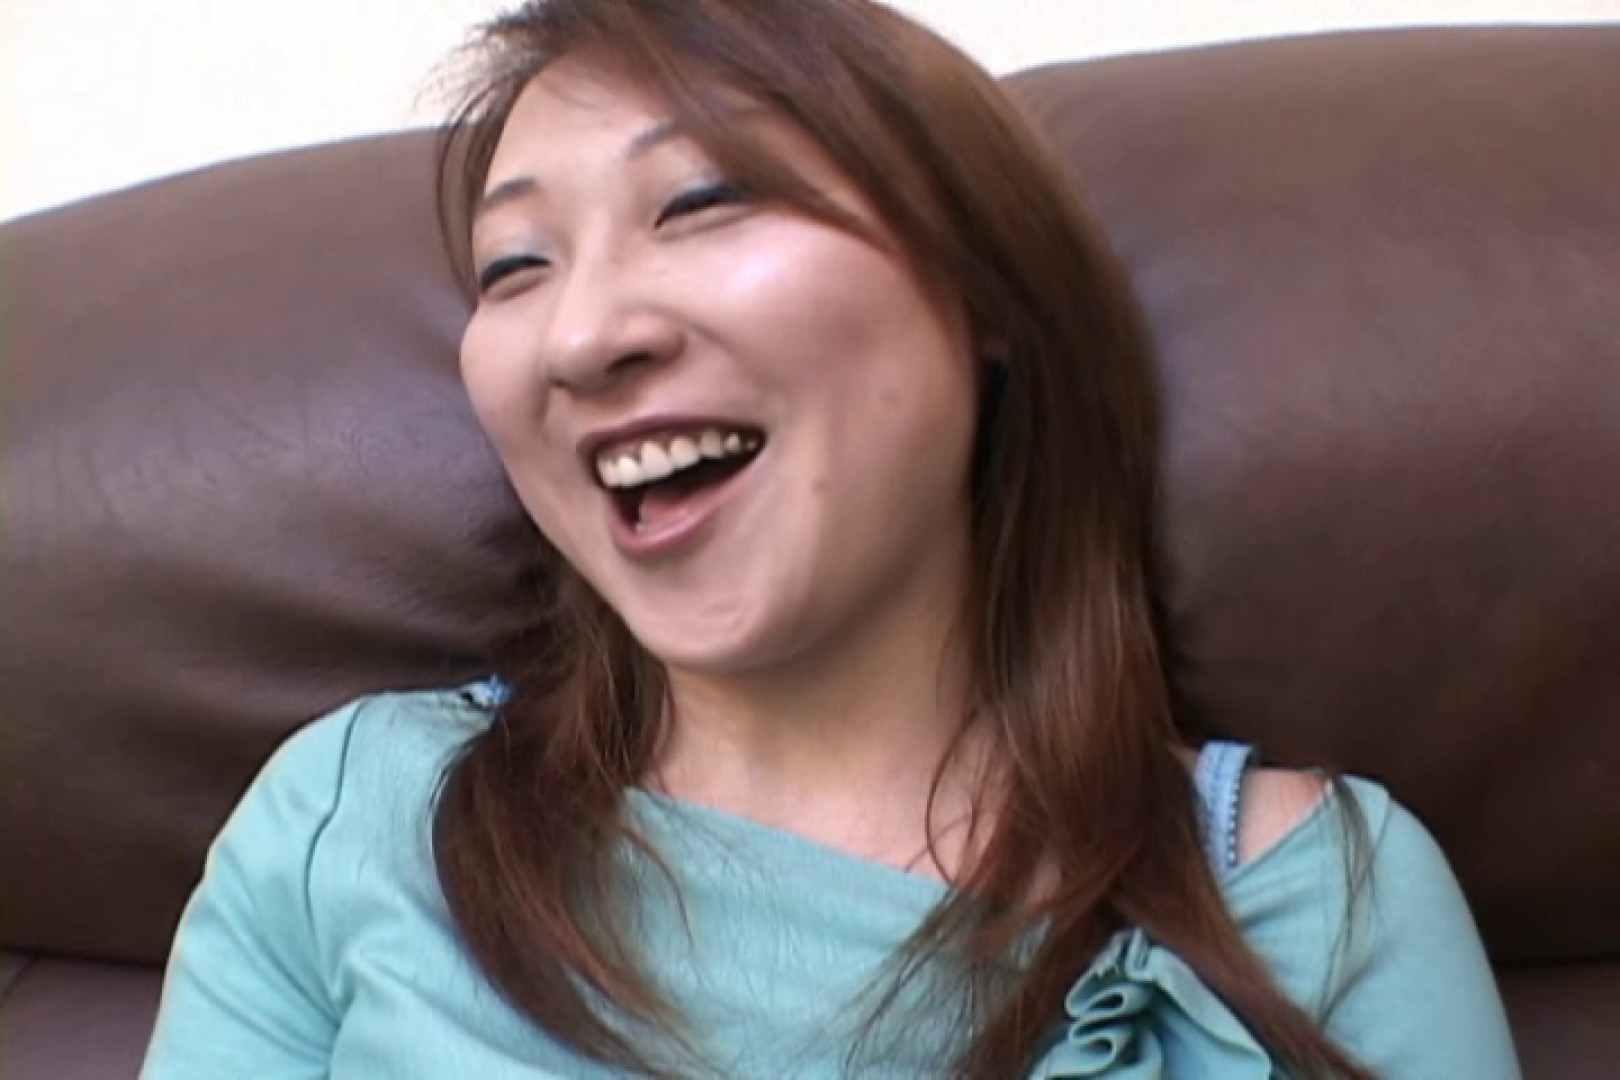 オナニー好きの綺麗なお姉さんと楽しくSEX~姫野あかね~ 超エロお姉さん  83枚 48